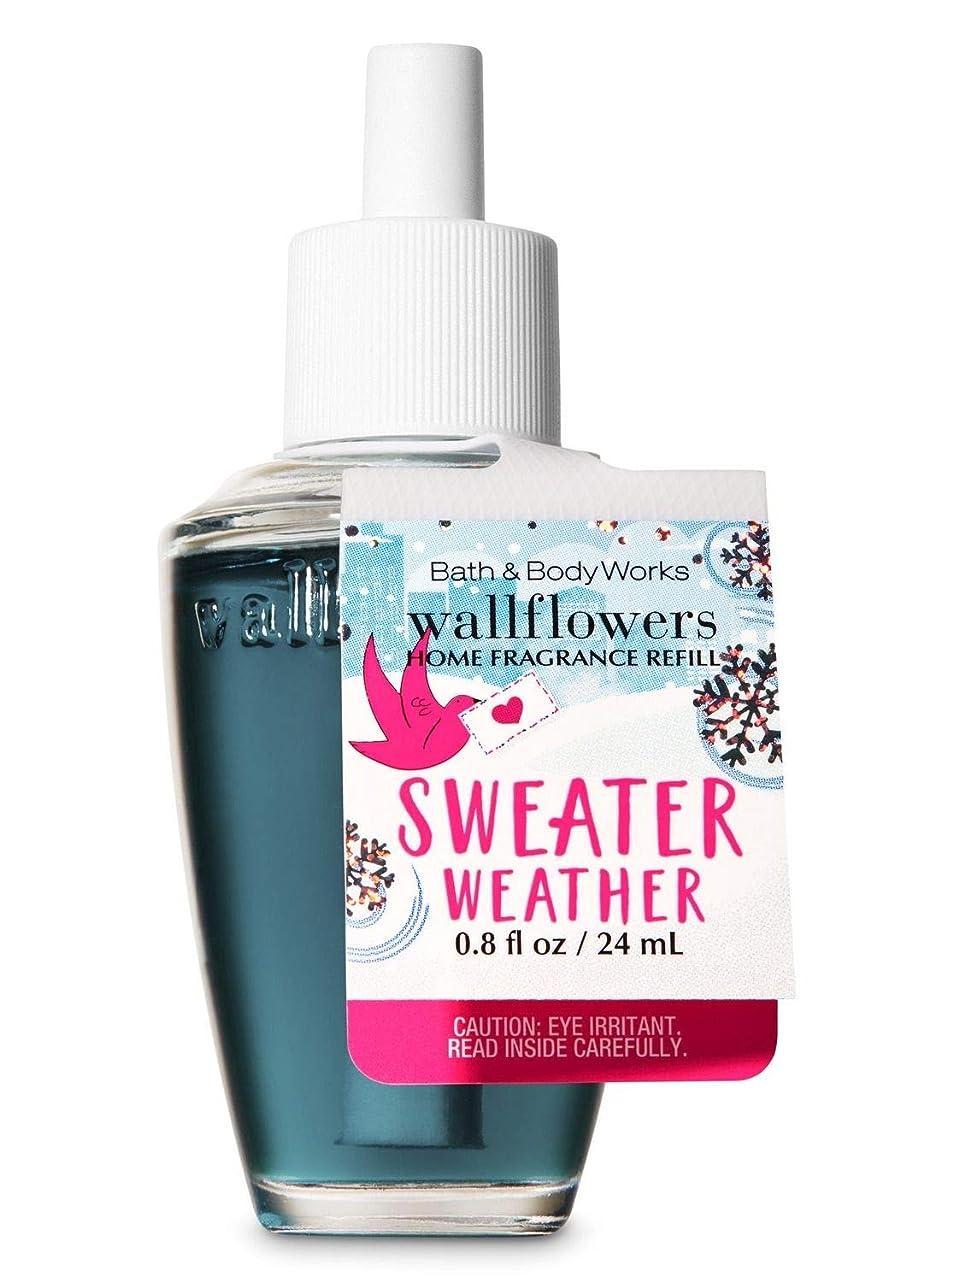 起きている教雑品【Bath&Body Works/バス&ボディワークス】 ルームフレグランス 詰替えリフィル スウェターウェザー Wallflowers Home Fragrance Refill Sweater Weather [並行輸入品]